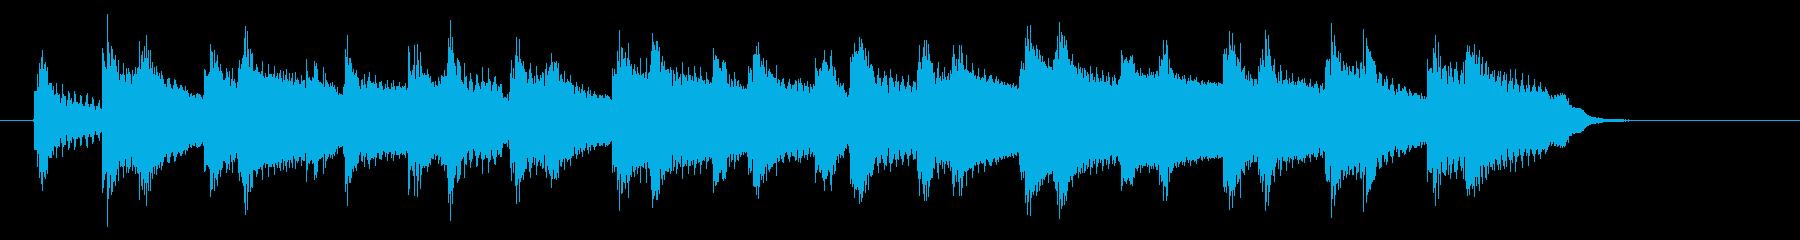 エーライヤッチャ!阿波踊り ♩145#2の再生済みの波形